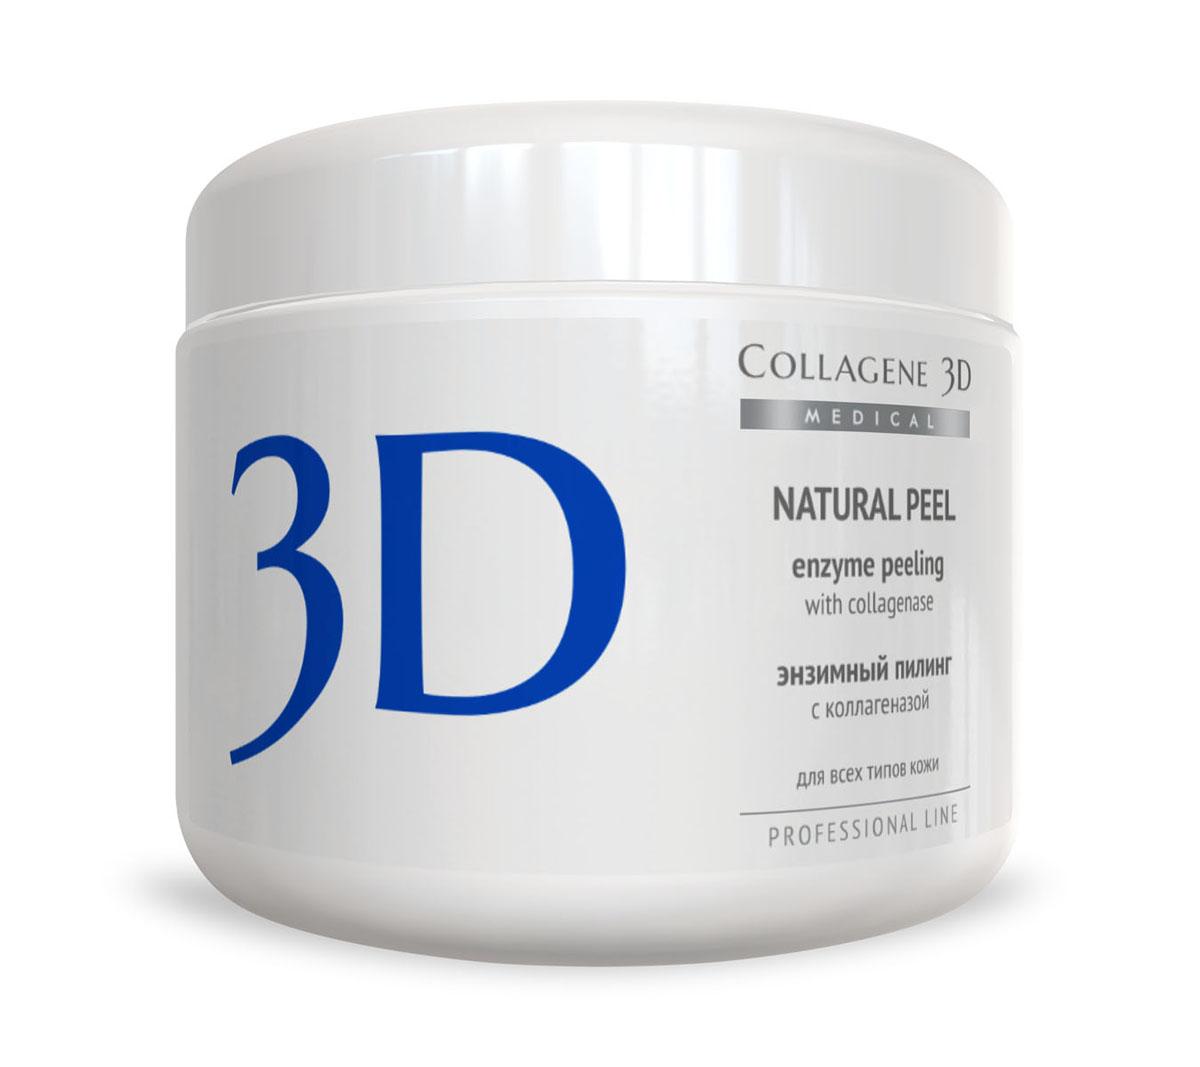 Medical Collagene 3D Пилинг ферментативный для лица Natural peel, 150 г26005Пилинг особенно эффективен при проблемной кожи с акне. Деликатно выравнивает микрорельеф, интенсивно увлажняет, мягко очищает от омертвевших роговых чешуек, стимулирует обновление и омоложение, улучшает цвет лица. Можно применять в любое время года.